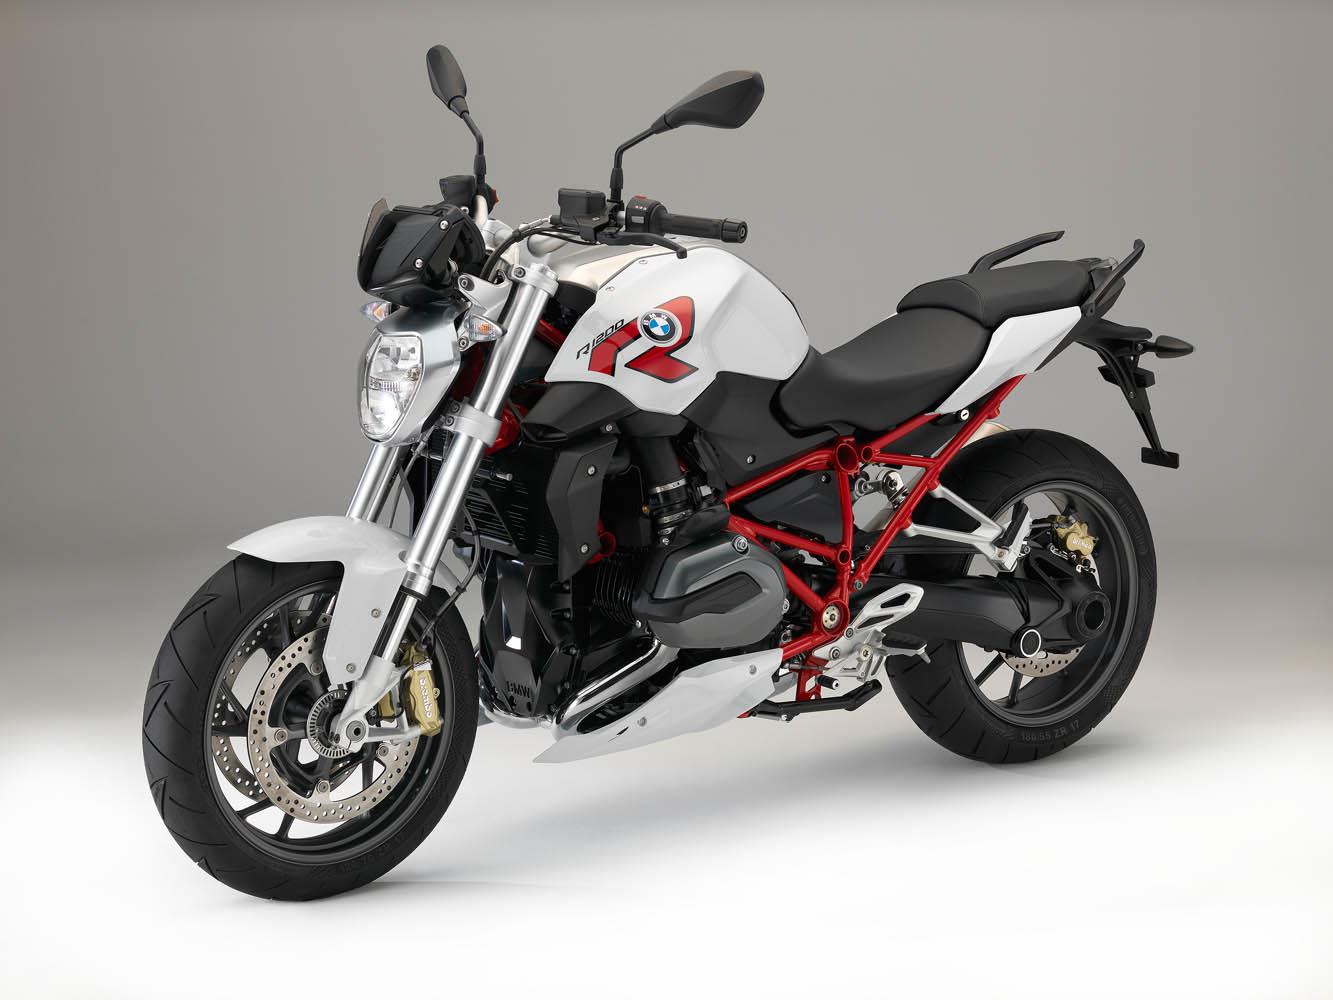 la nouvelle bmw r 1200 r 2015 un roadster pour un maximum plaisir de conduire accessoires moto. Black Bedroom Furniture Sets. Home Design Ideas